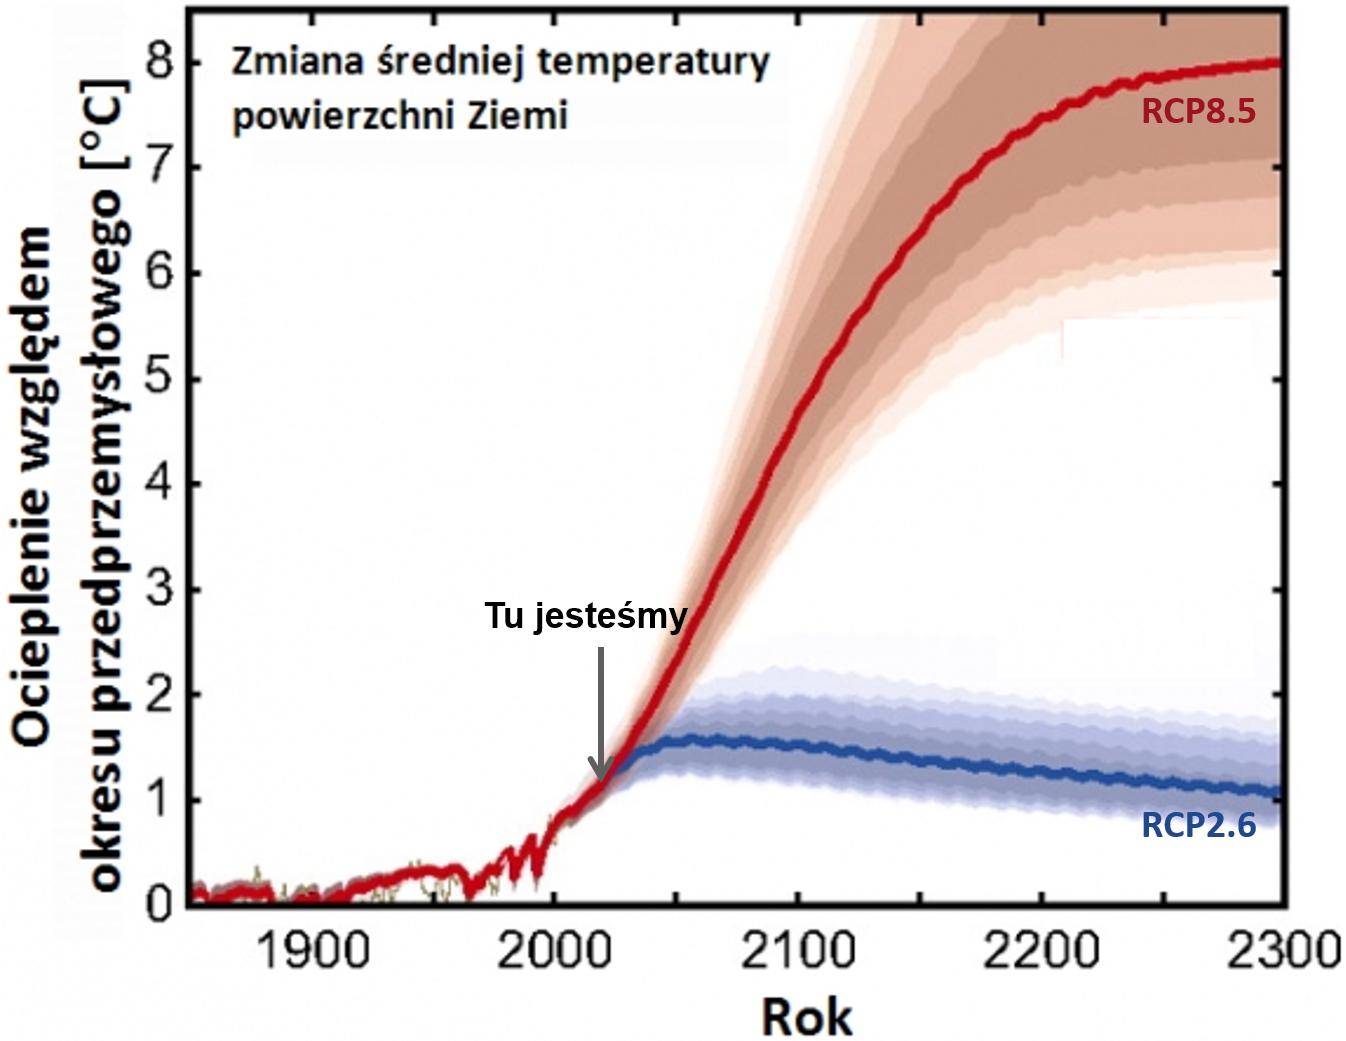 Wykres: zmiany temperatury w przykładowych scenariuszach emisji. W RCP8.5 temperatura rośnie do 2300 (po 2100 coraz wolniej), w RCP2.6 od 2050 temperatura powoli spada.